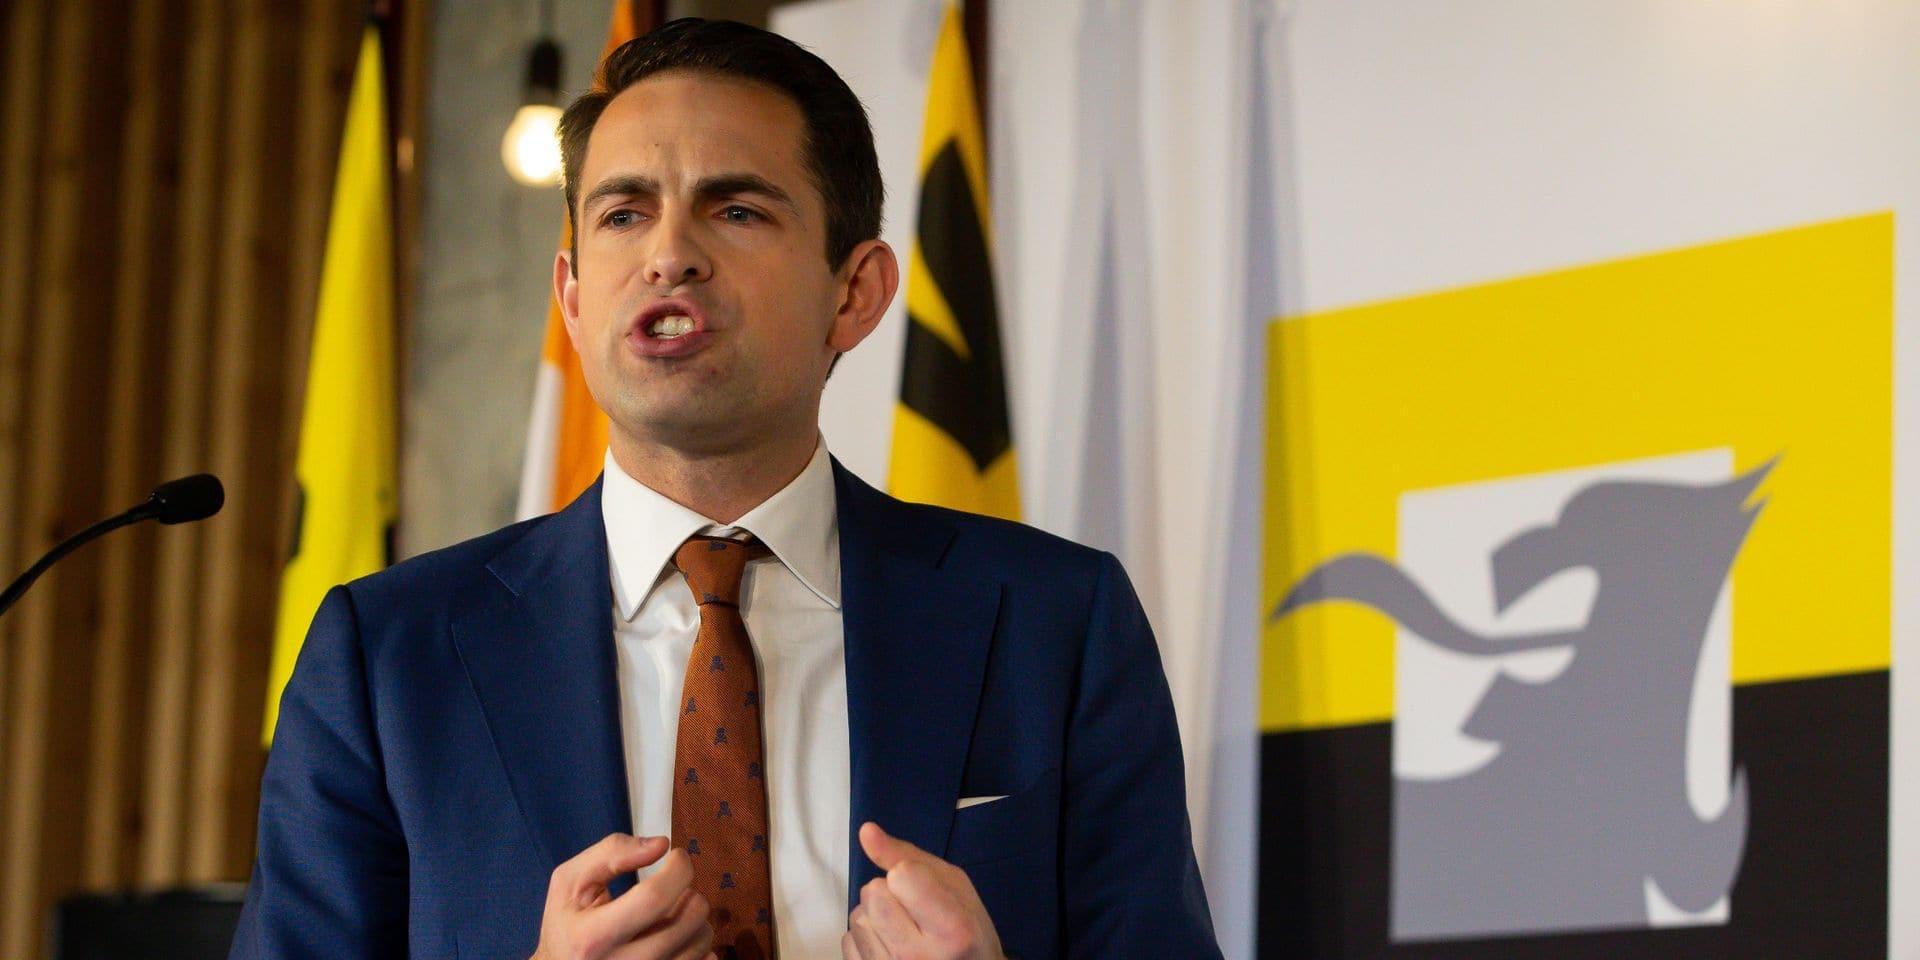 La coalition contre l'extrême droite Stand-Up dénonce la manifestation du Vlaams Belang